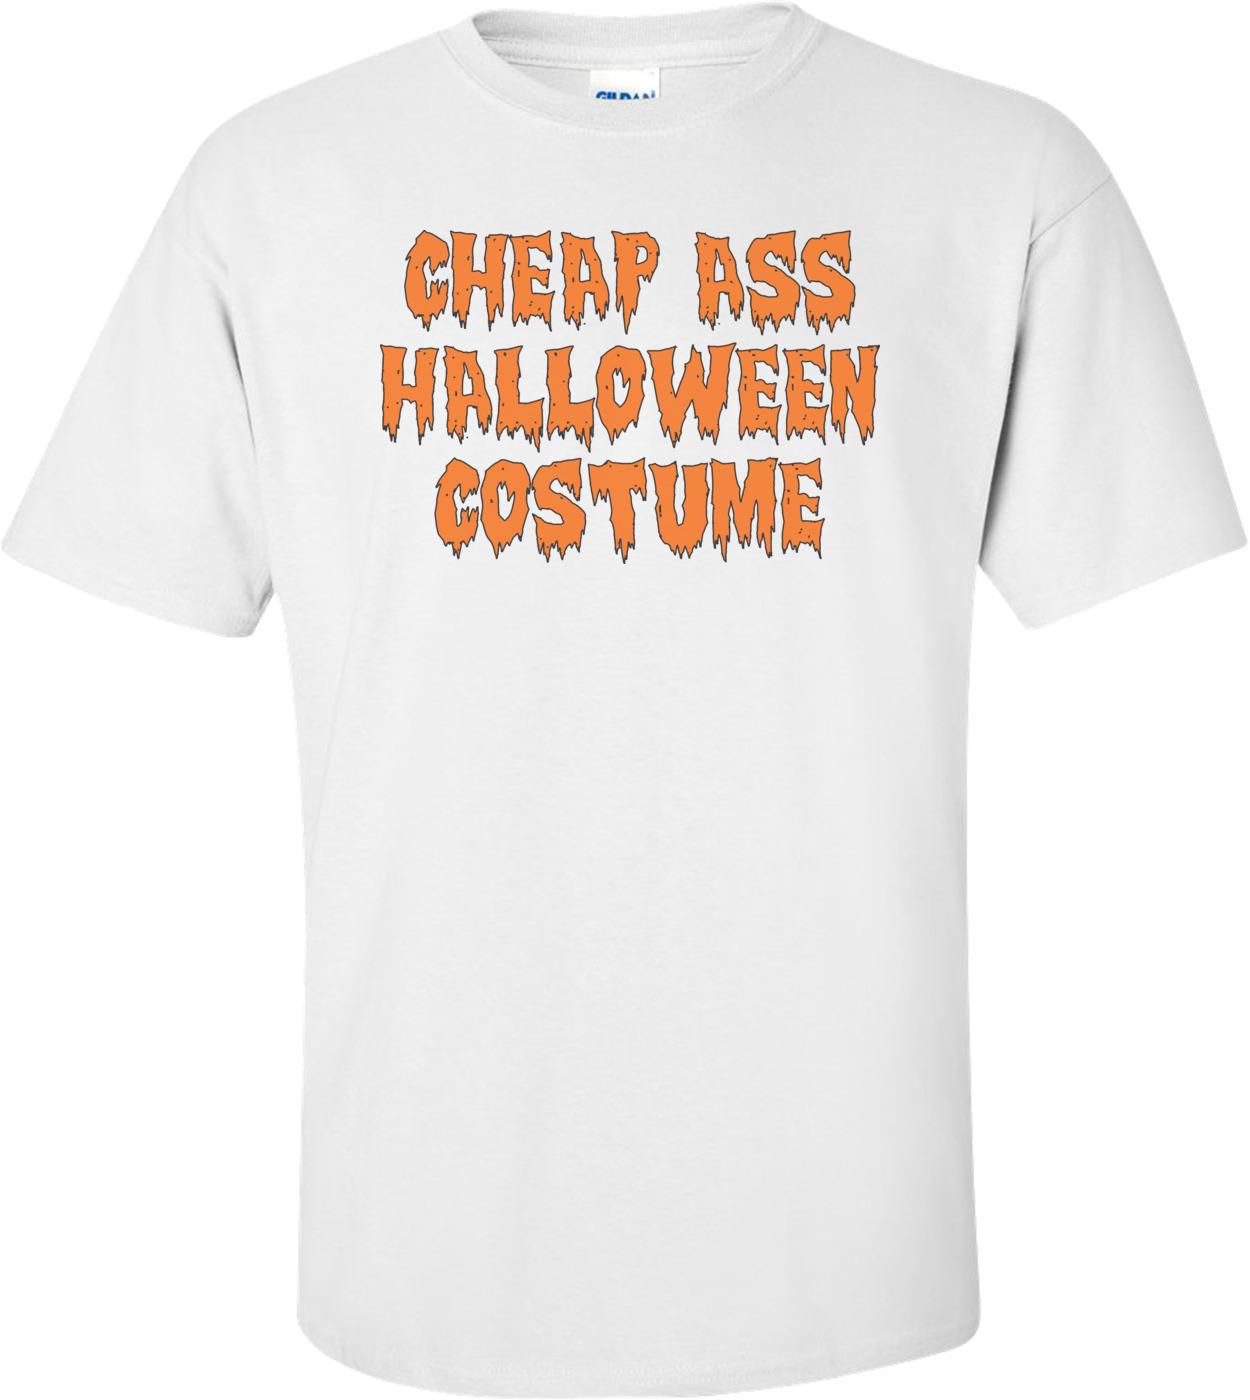 42e50b0926c0 Cheap Ass Halloween Costume T-Shirt